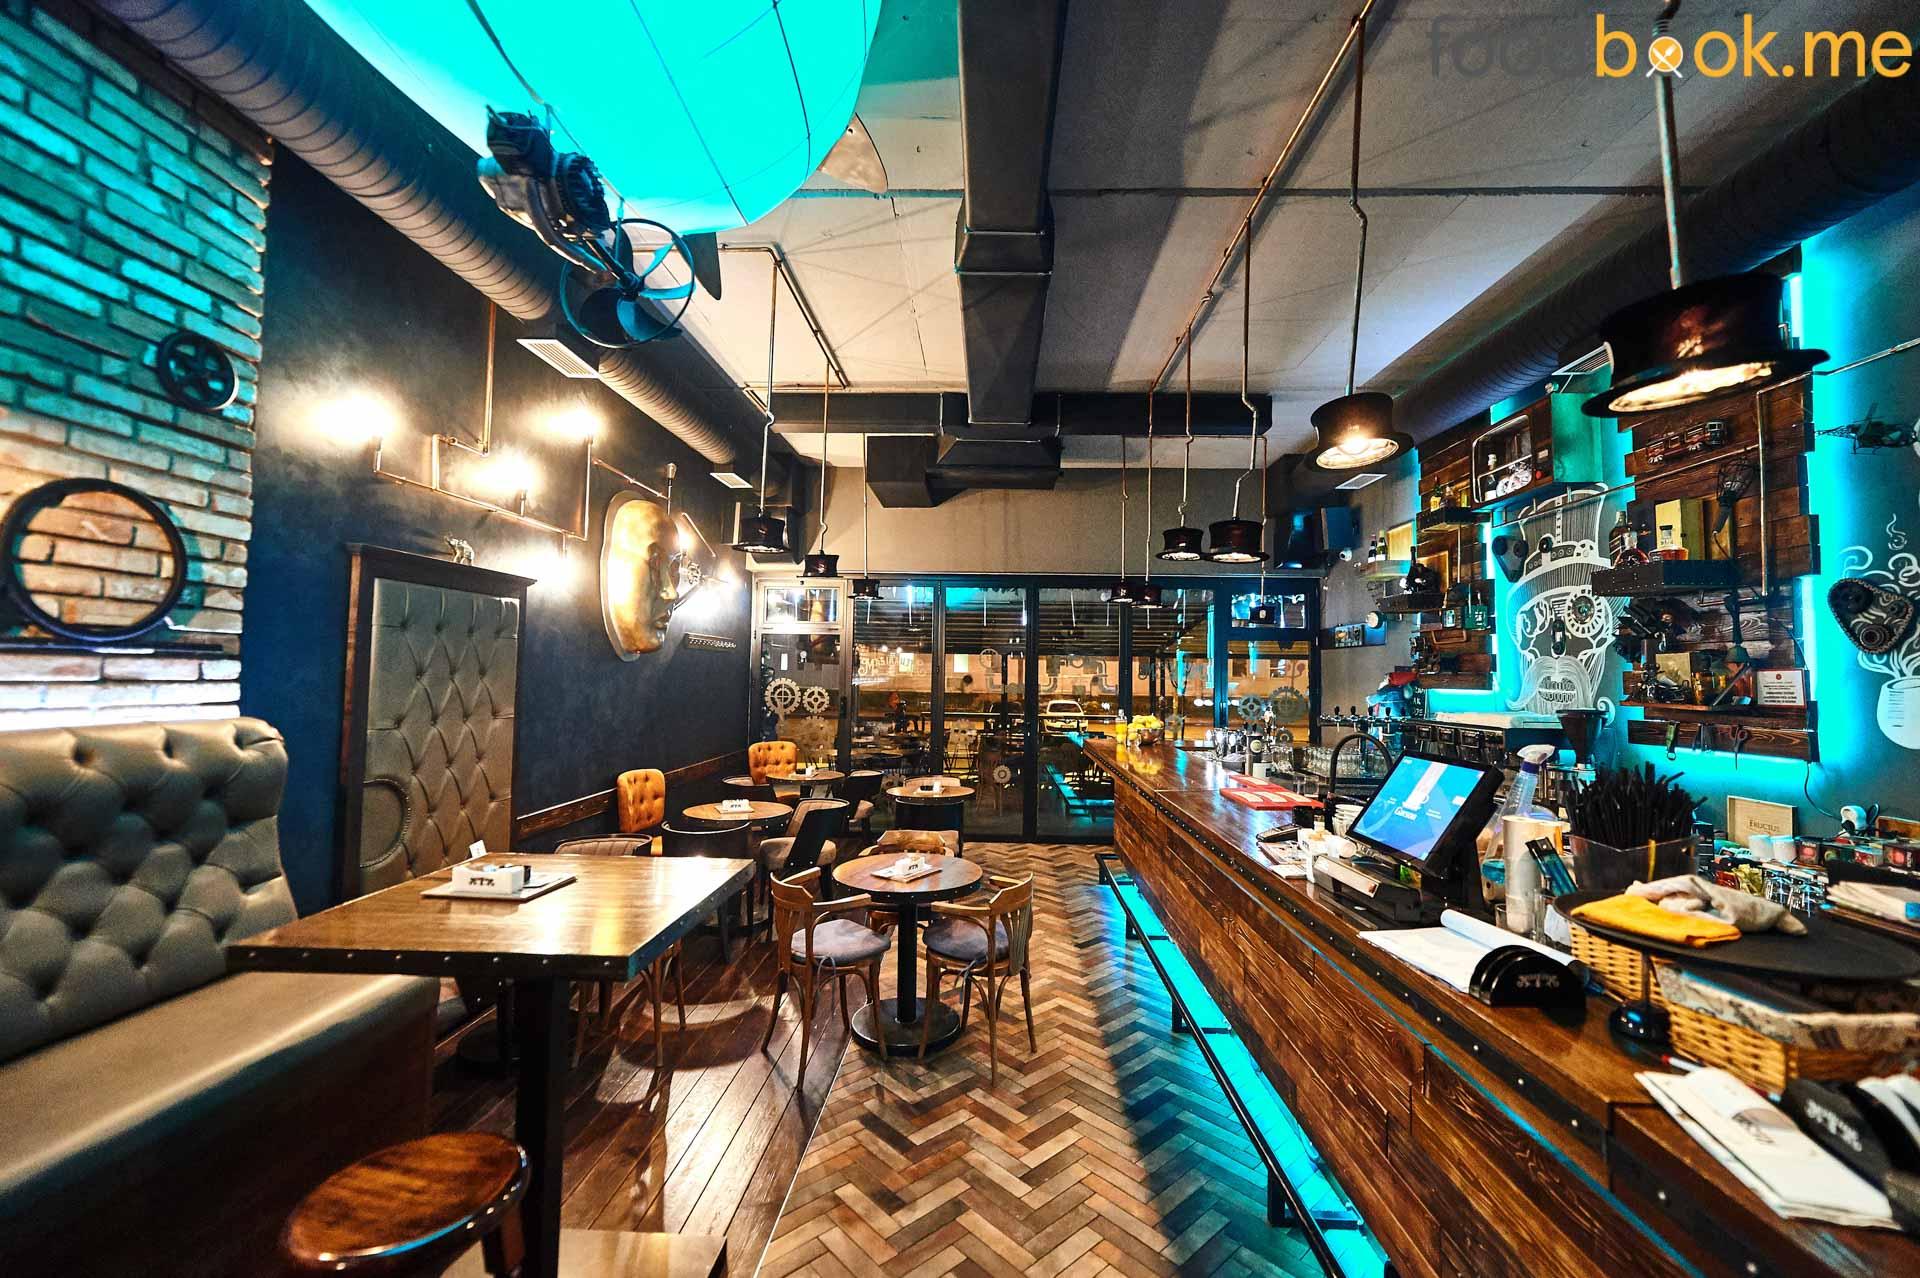 Mehanizam Restaurant & Bar cover photo